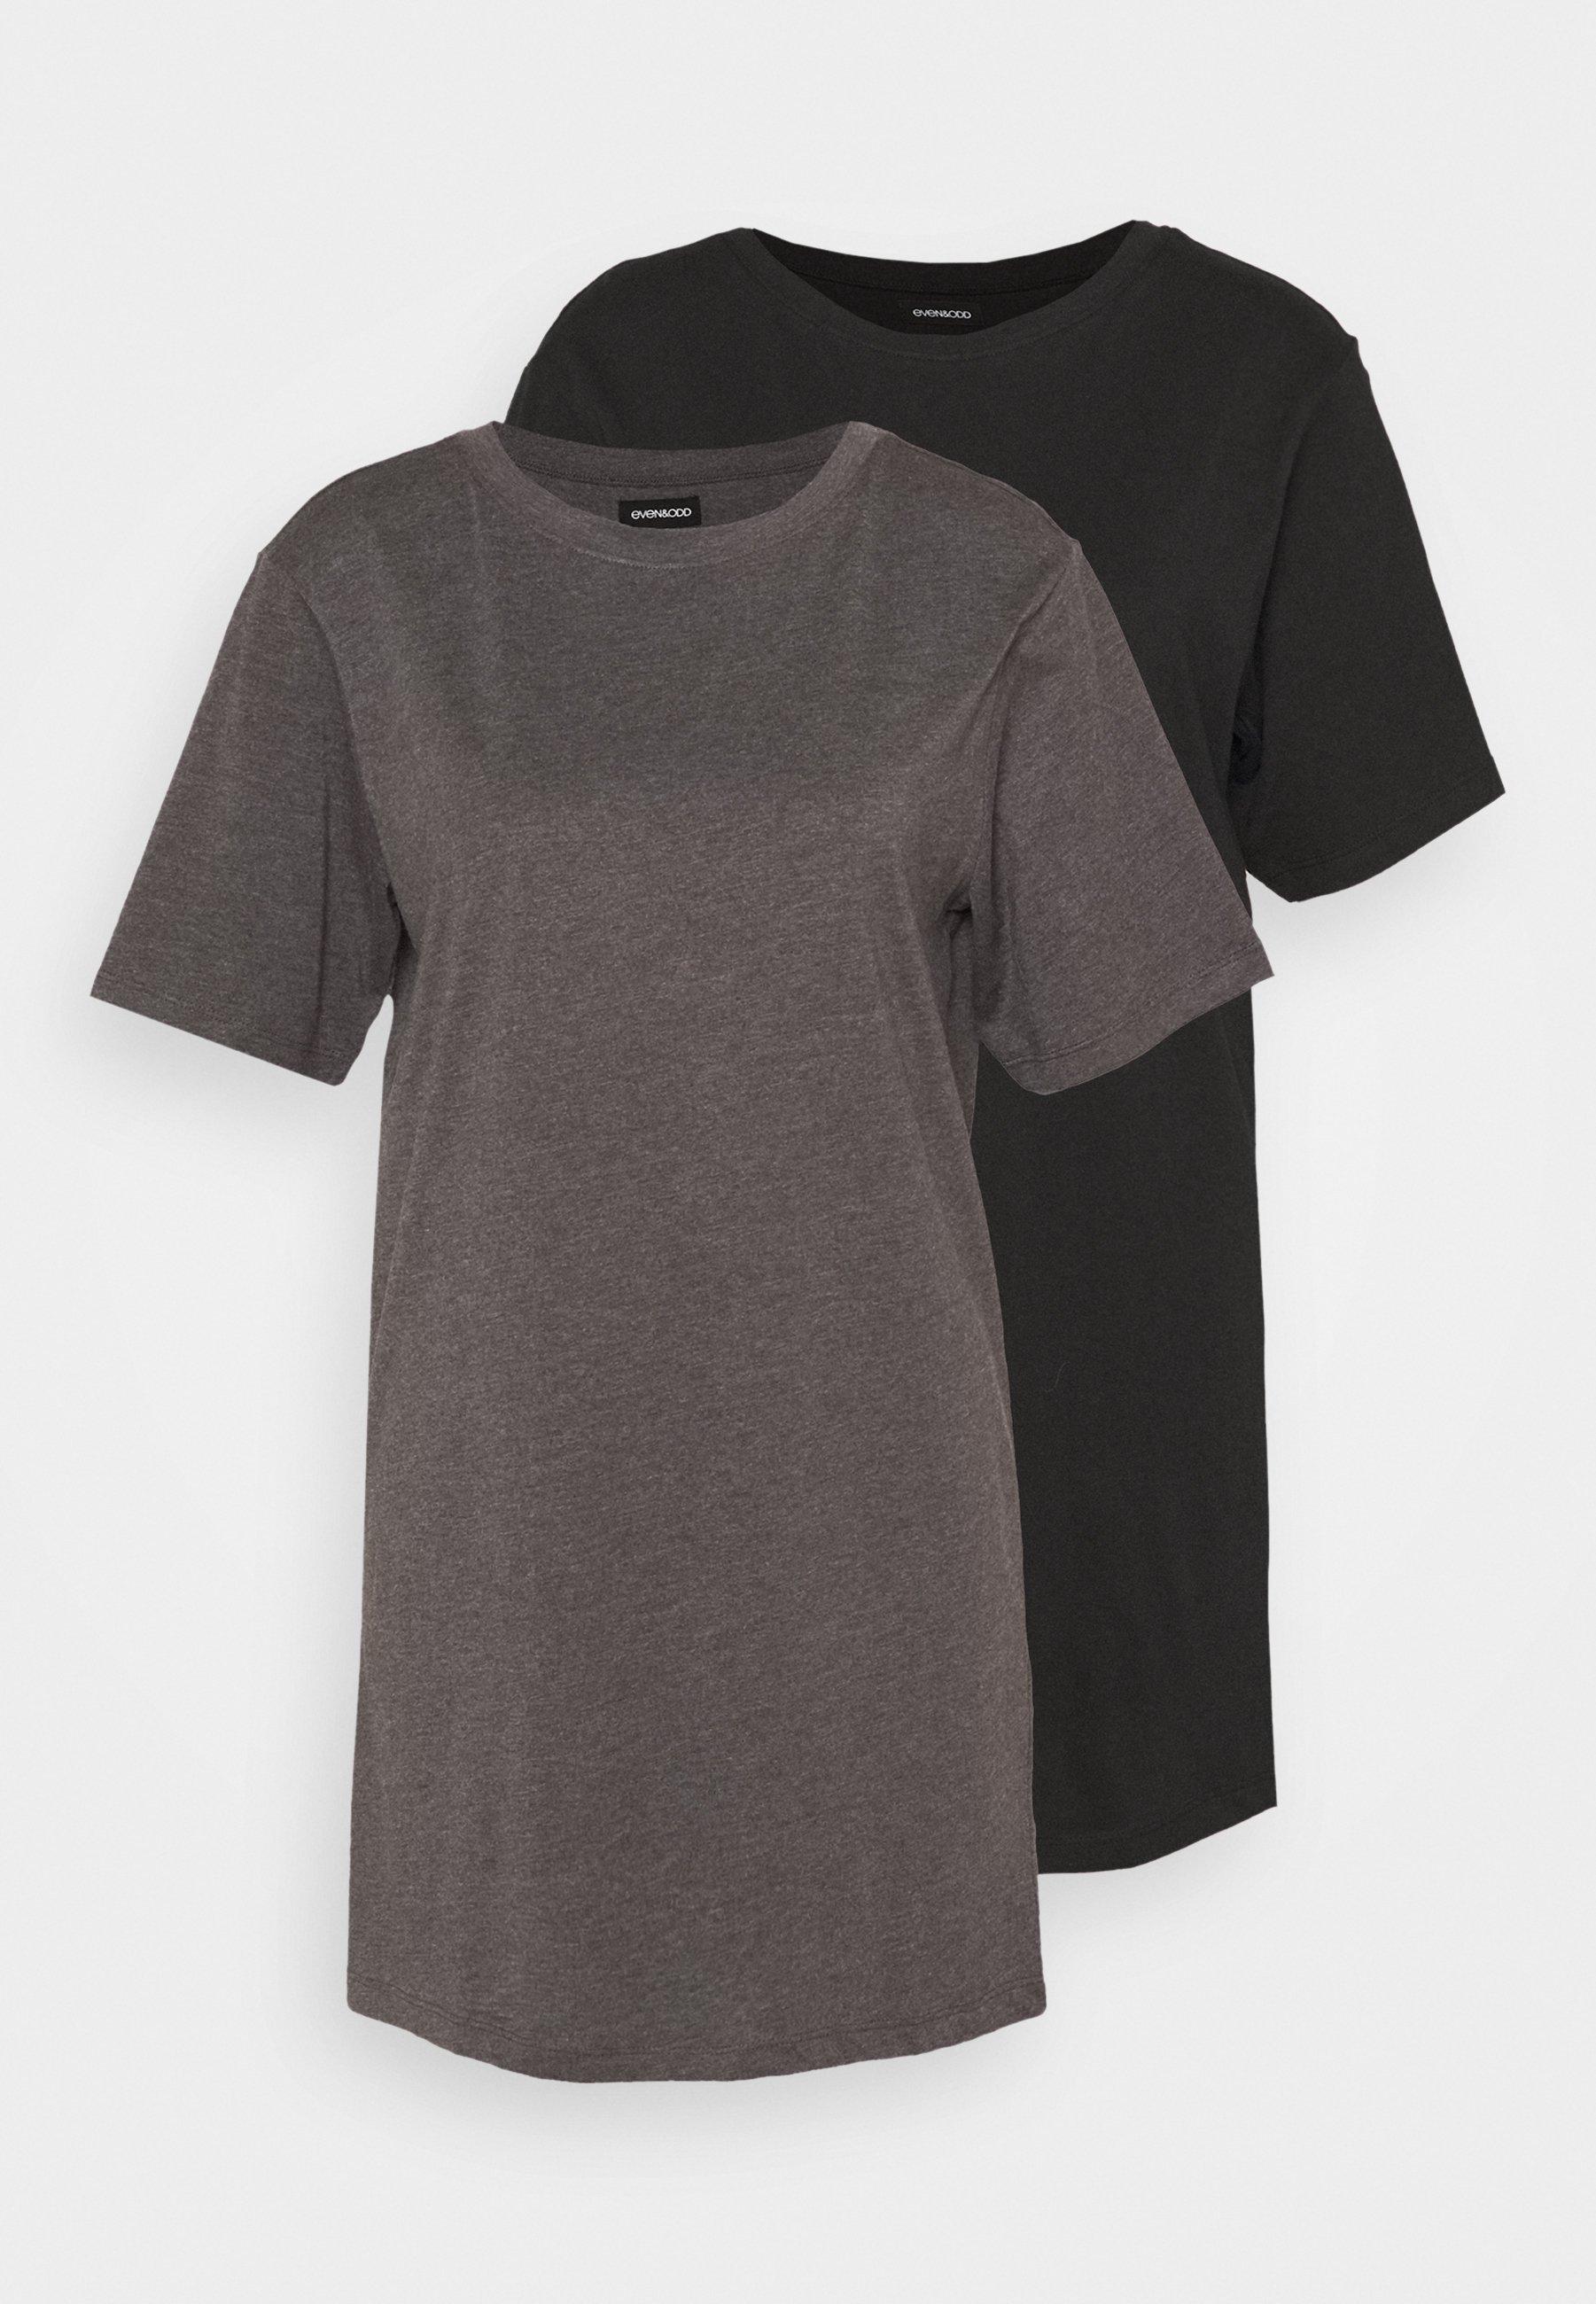 Stickade Klänningar − 1273 Produkter från 10 Märken | Stylight